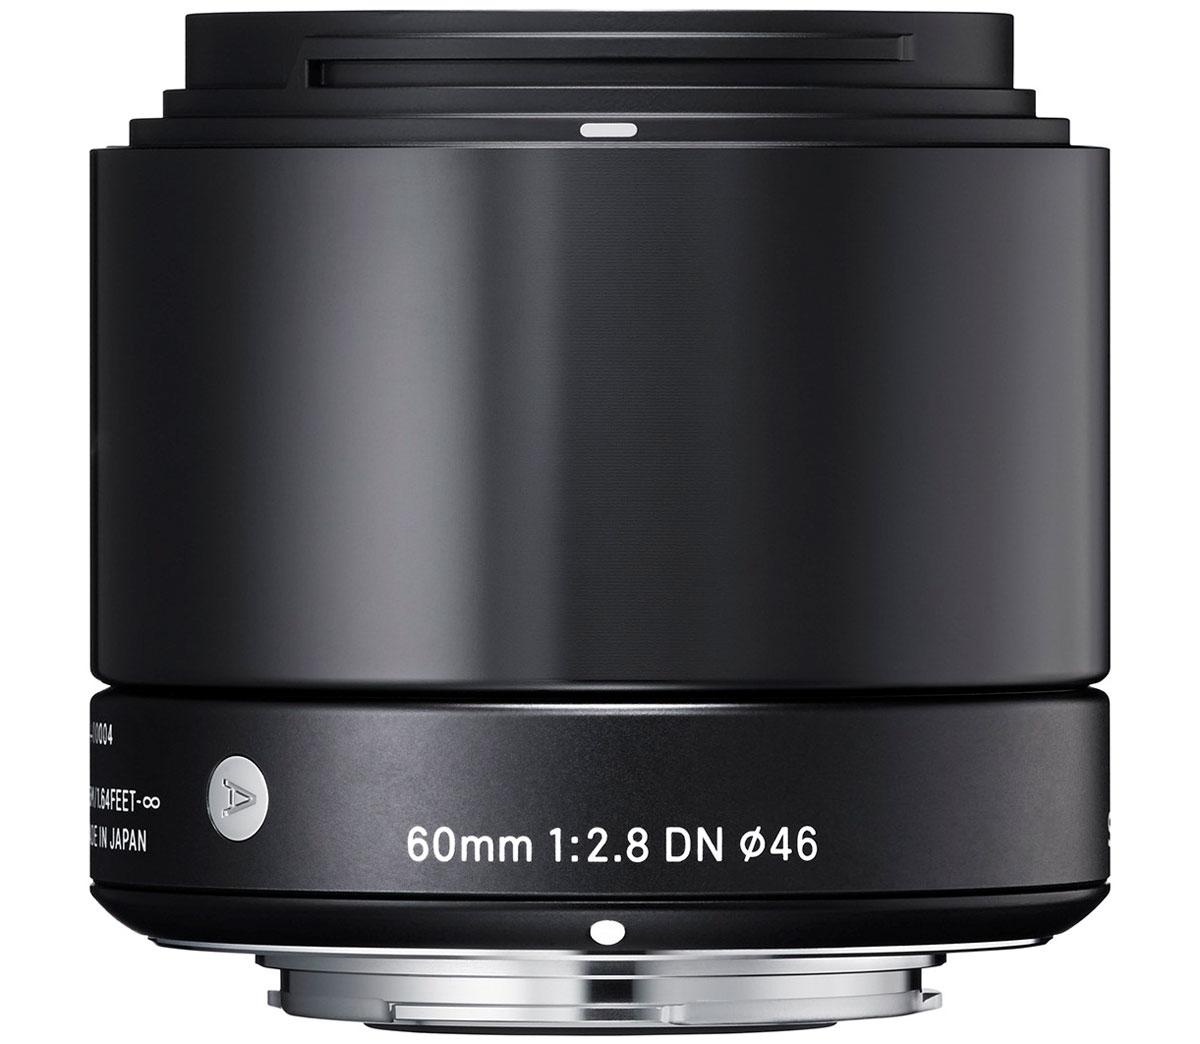 Sigma AF 60mm f/2.8 DN/A, Black объектив для Micro 4/3350963Объектив Sigma AF 60mm f/2.8 DN/A создан с применением передовых оптических технологий – легкий и компактный, с небольшой глубиной резкости – позволяет фотографу эффектно выделять отдельные части объекта съемки. Фокусное расстояние в эквиваленте равно 120 мм для Micro Four/Third и 90 мм для Sony E. Объектив создает изображения с натуральной перспективой и небольшой глубиной резкости, что вкупе с приятным боке делает снимки особо выразительными. Кроме этого, значительно улучшена функциональность. Простая форма кольца фокусировки, различие текстур каждой части, использование металла как основного материала и цельный корпус – все это составляющие дизайна Sigma AF 60mm f/2.8 DN/A. В конструкции объектива применяется самое современное сверхнизнодисперсное оптическое стекло (SLD), а также литые асферические элементы, что гарантирует превосходное исправление искажений и других видов аберрации. Закругленная 7-лепестковая диафрагма создает привлекательное...